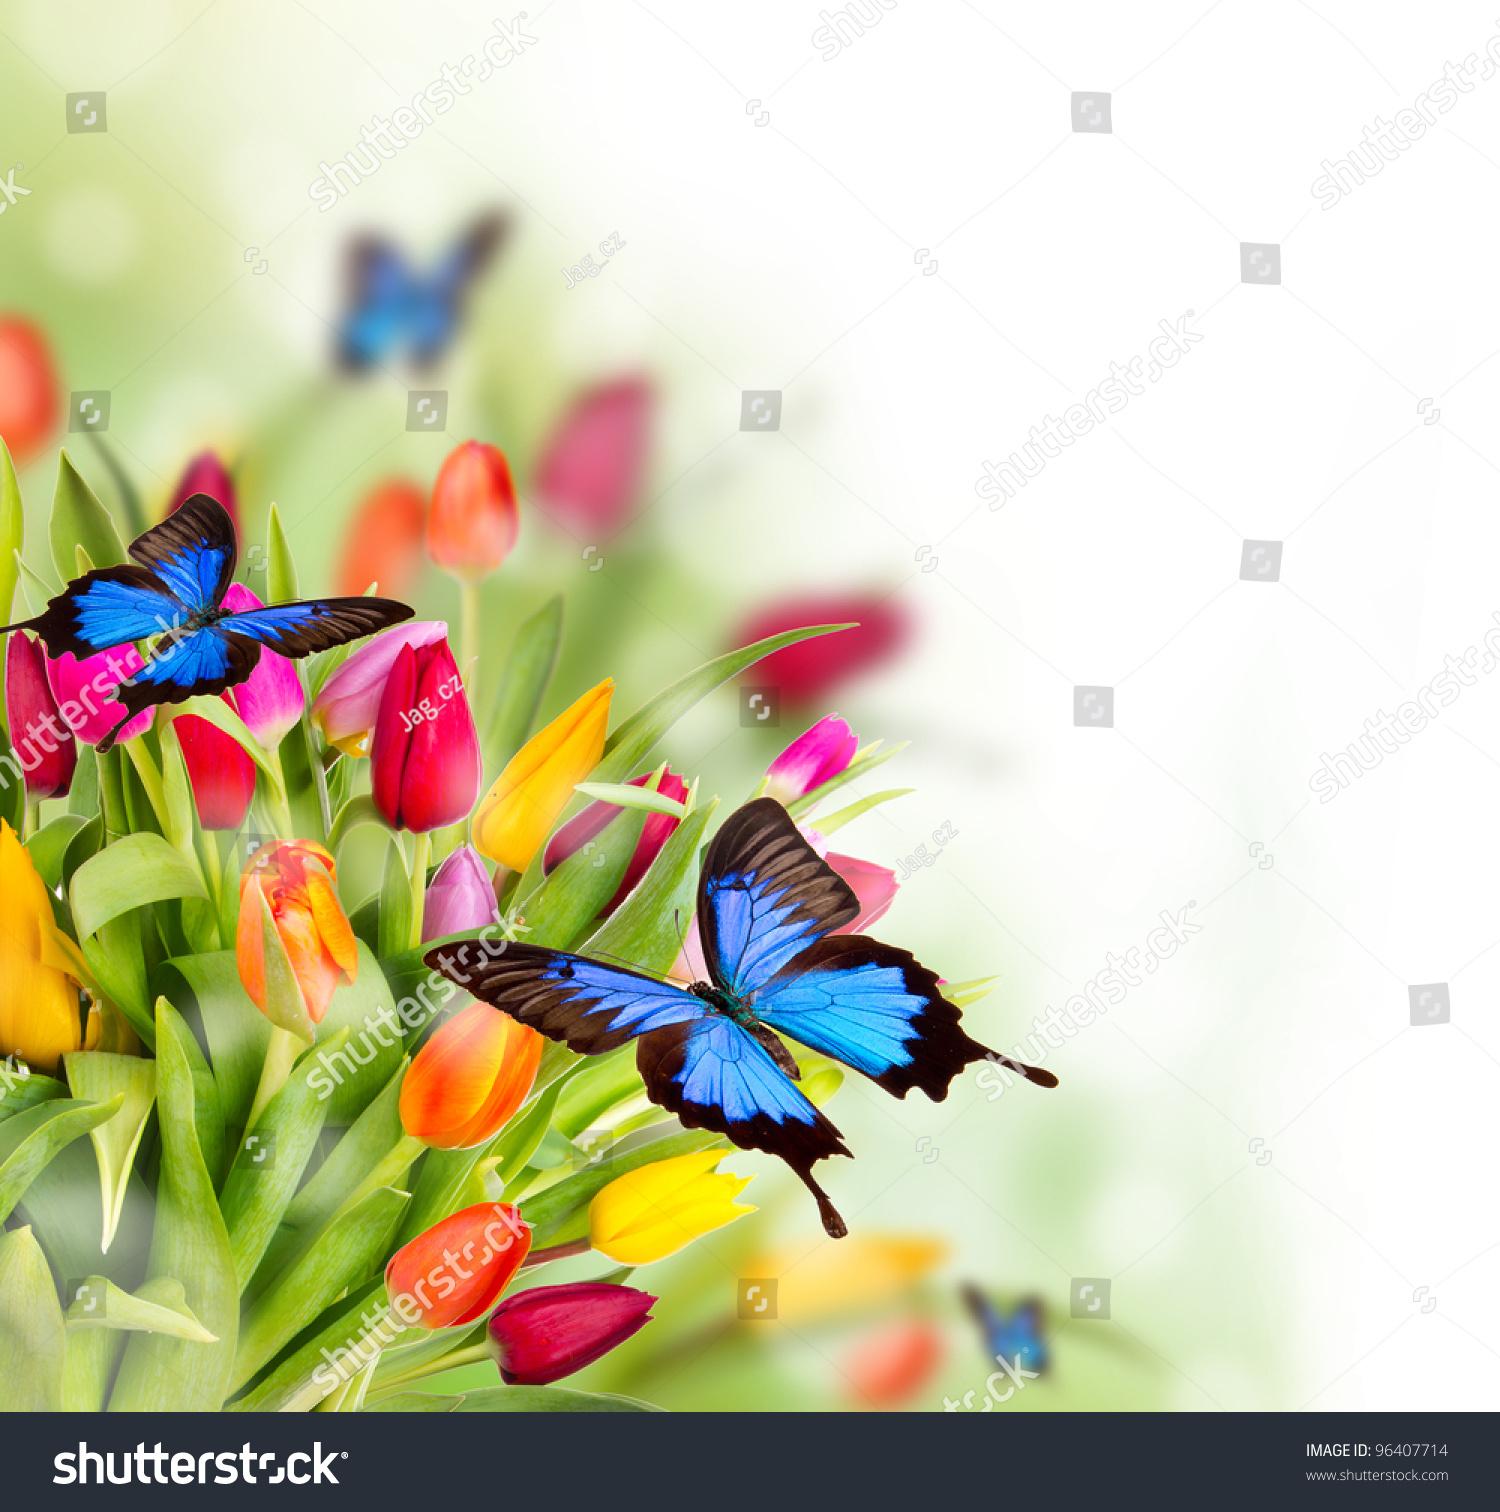 春天的花朵与异国情调的蝴蝶-动物/野生生物